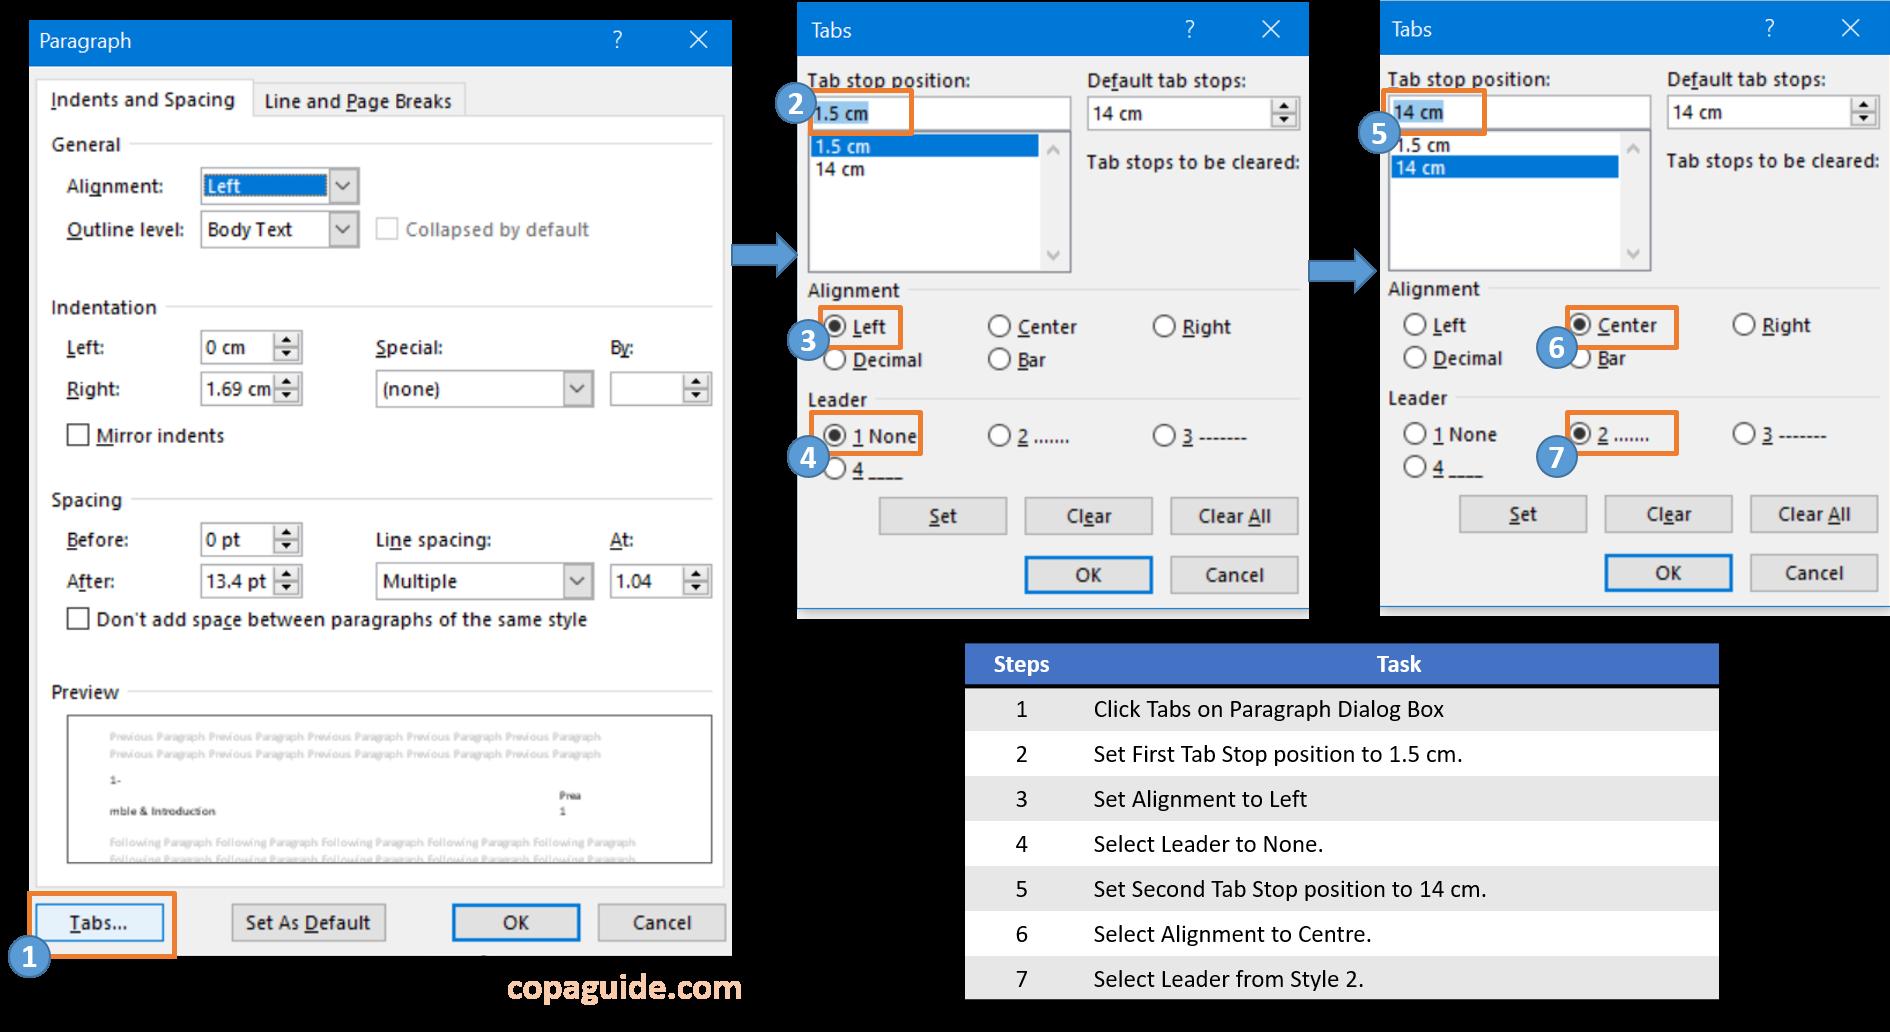 MS-Word Tab Dialog Box